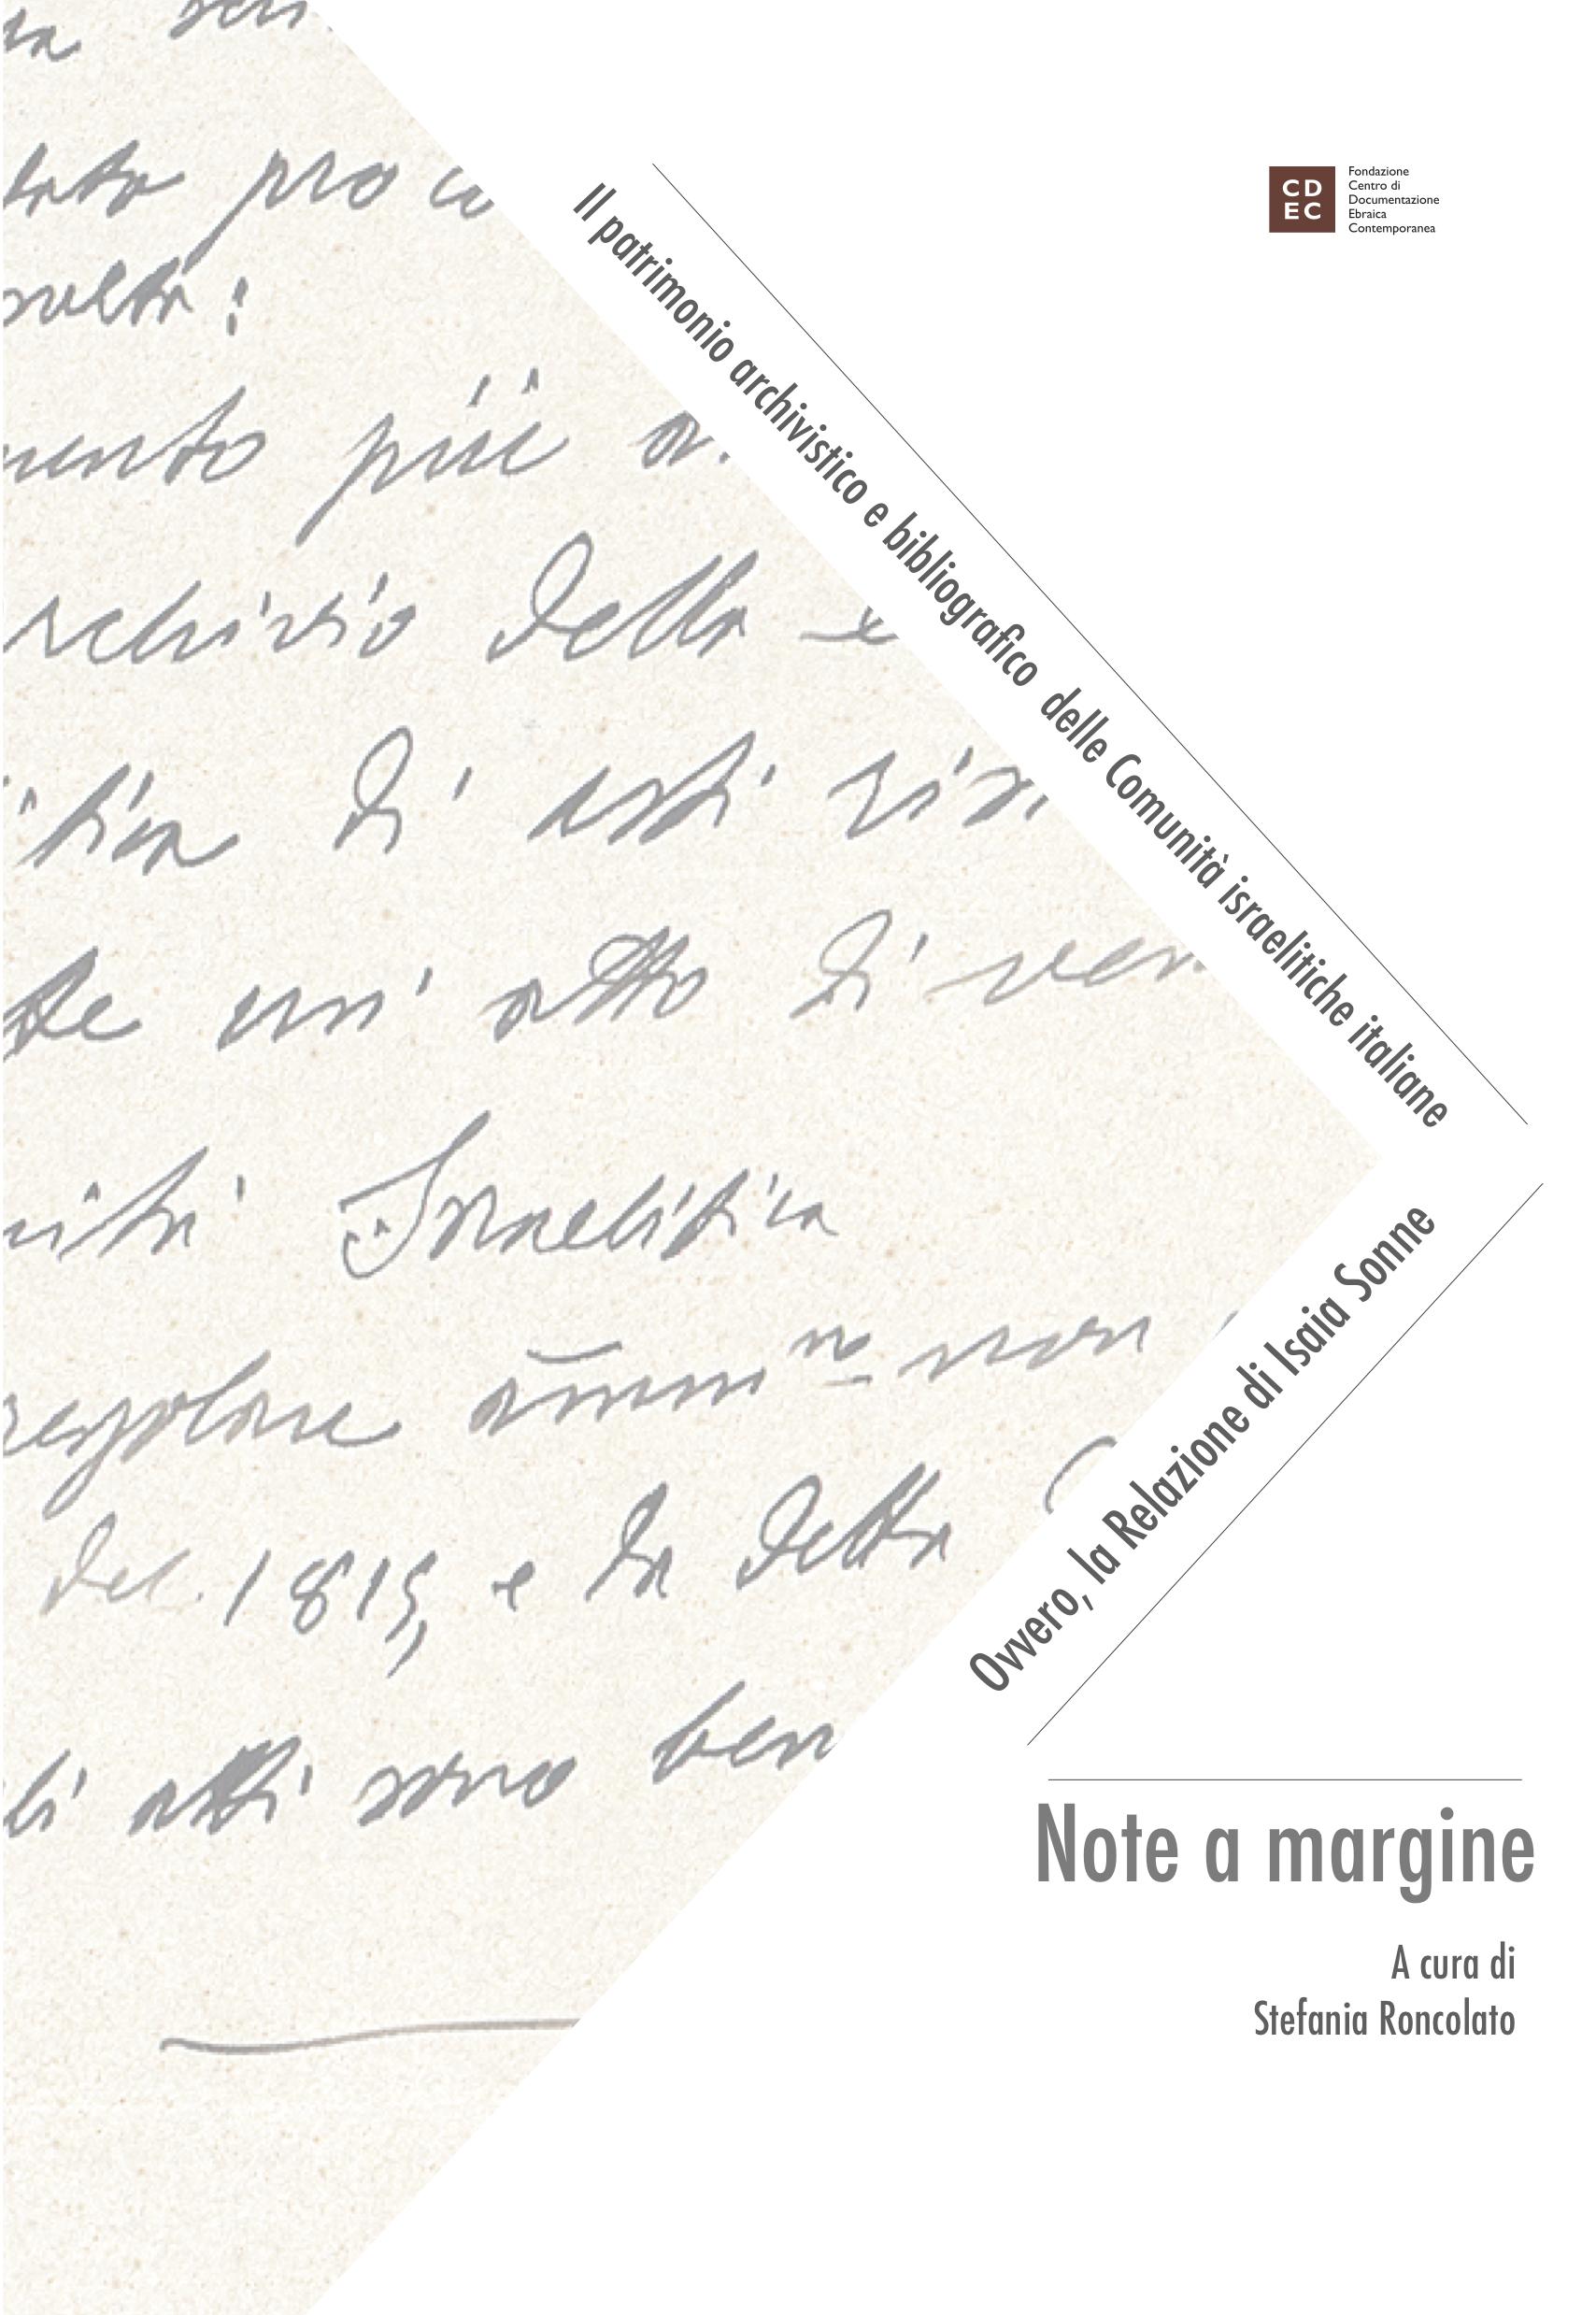 Il patrimonio bibliografico e archivistico delle Comunità israelitiche italiane. Ovvero, la Relazione di Isaia Sonne. Note a margine.